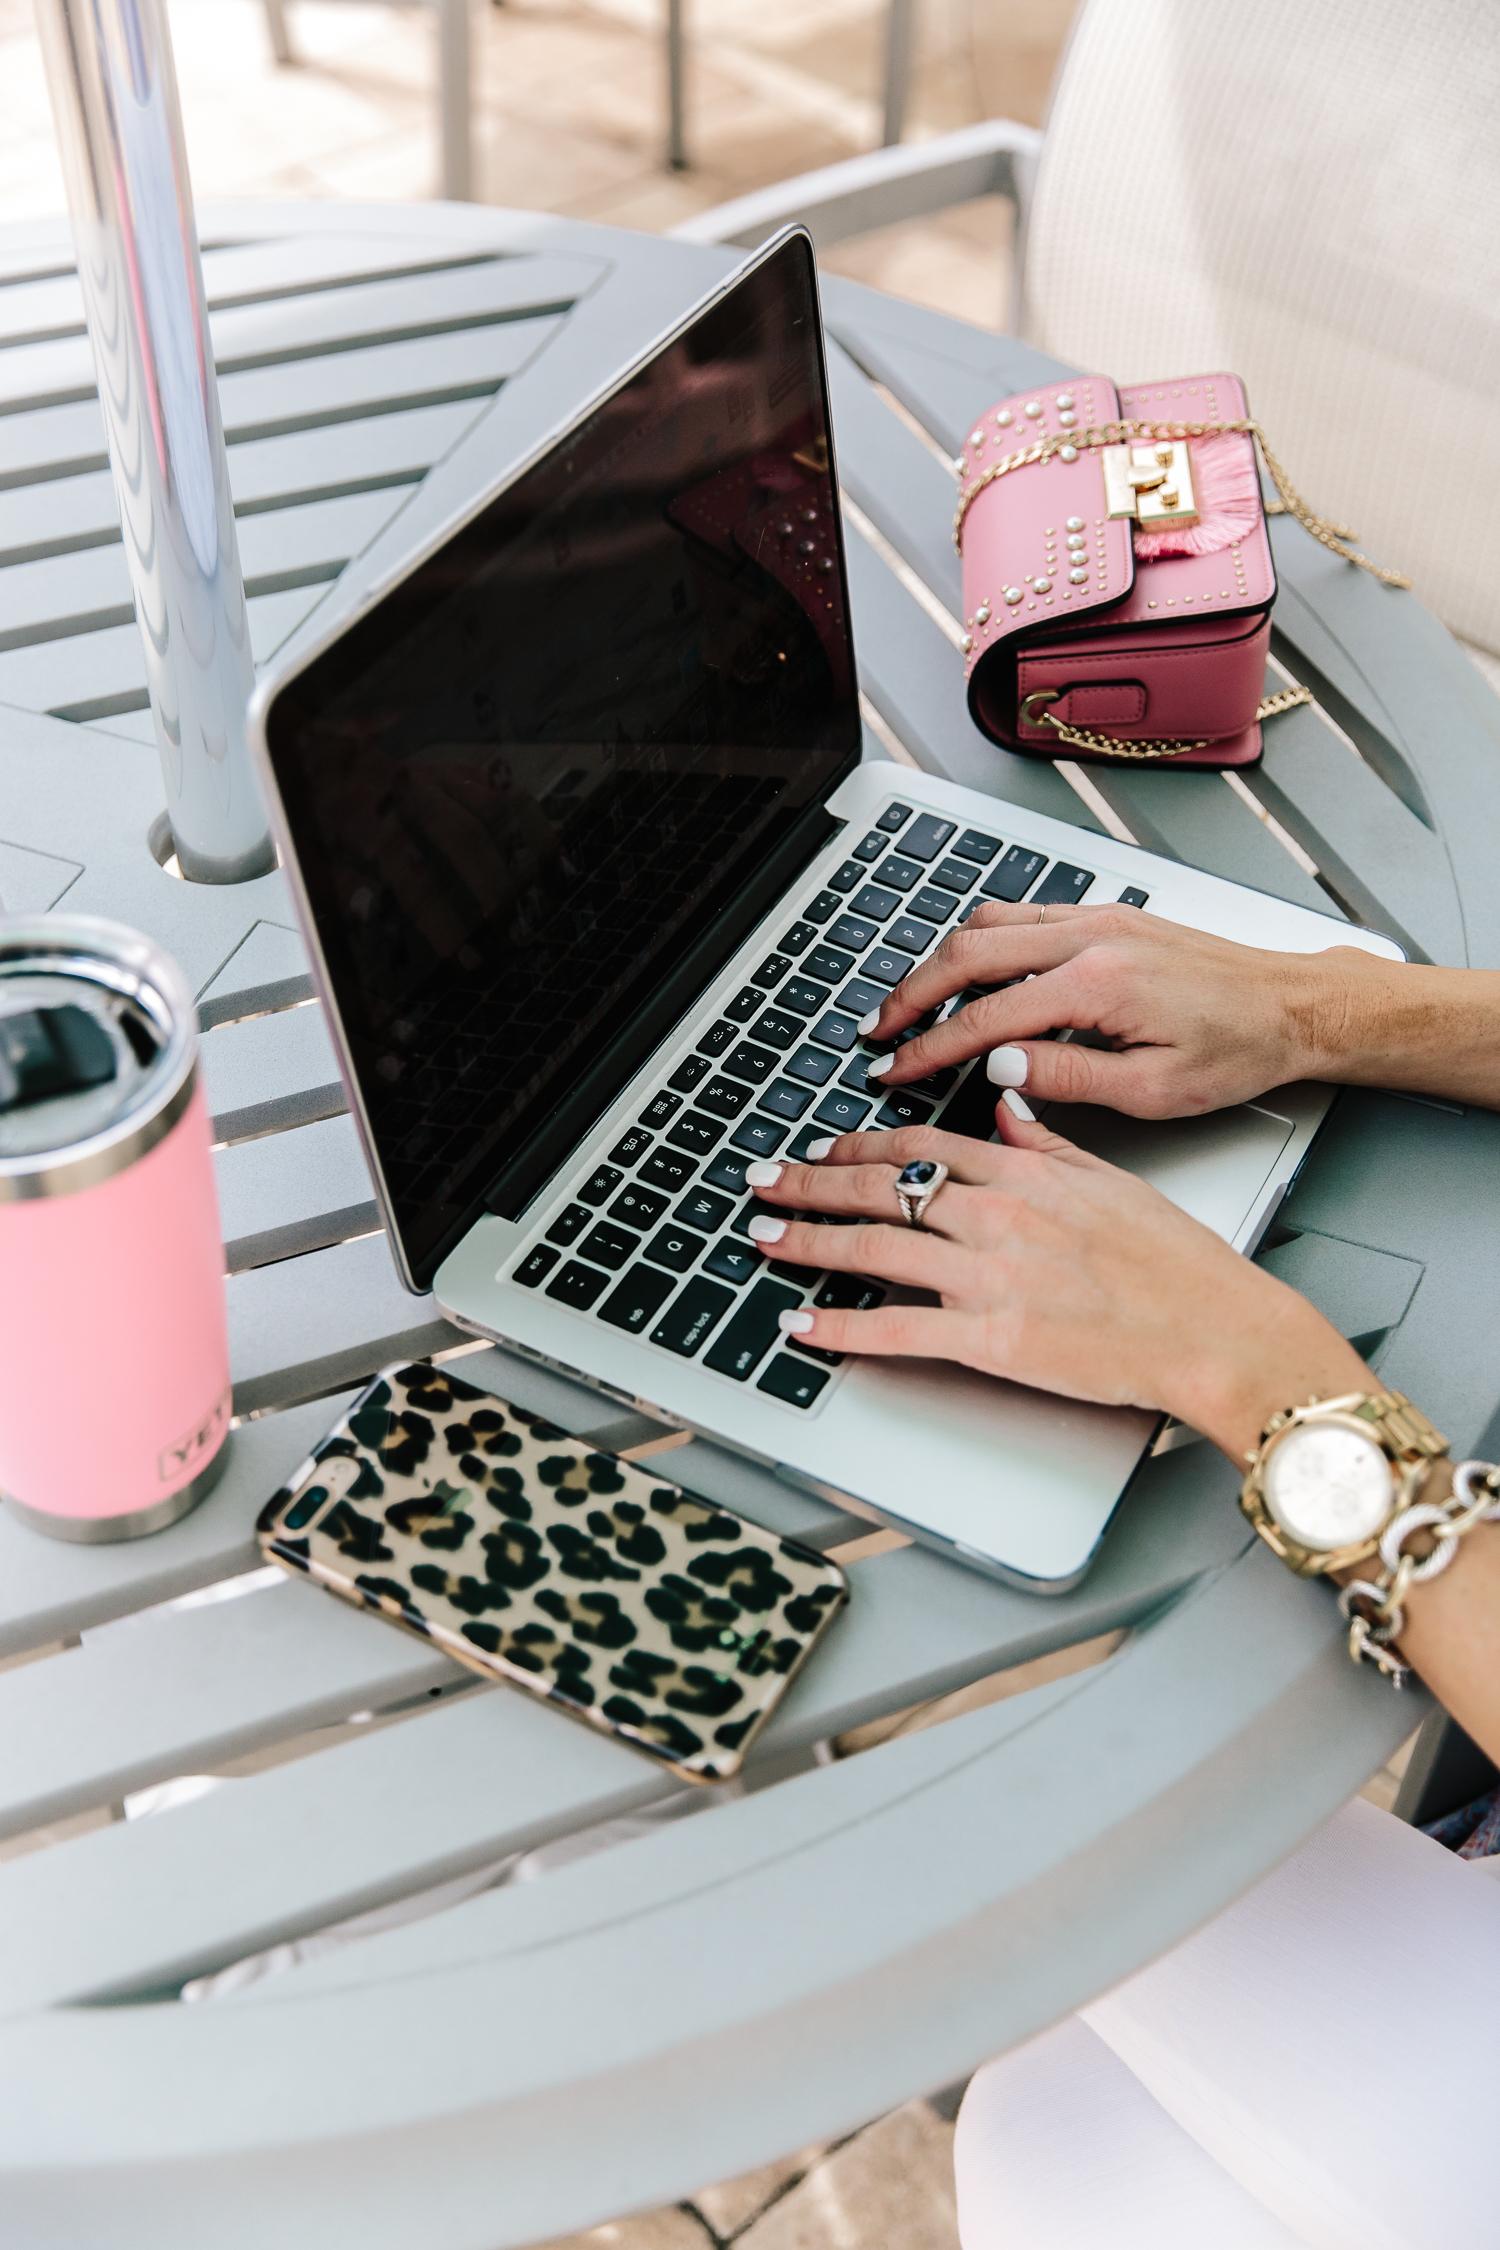 blogging tips, blogging lessons, blogging, alyson haley